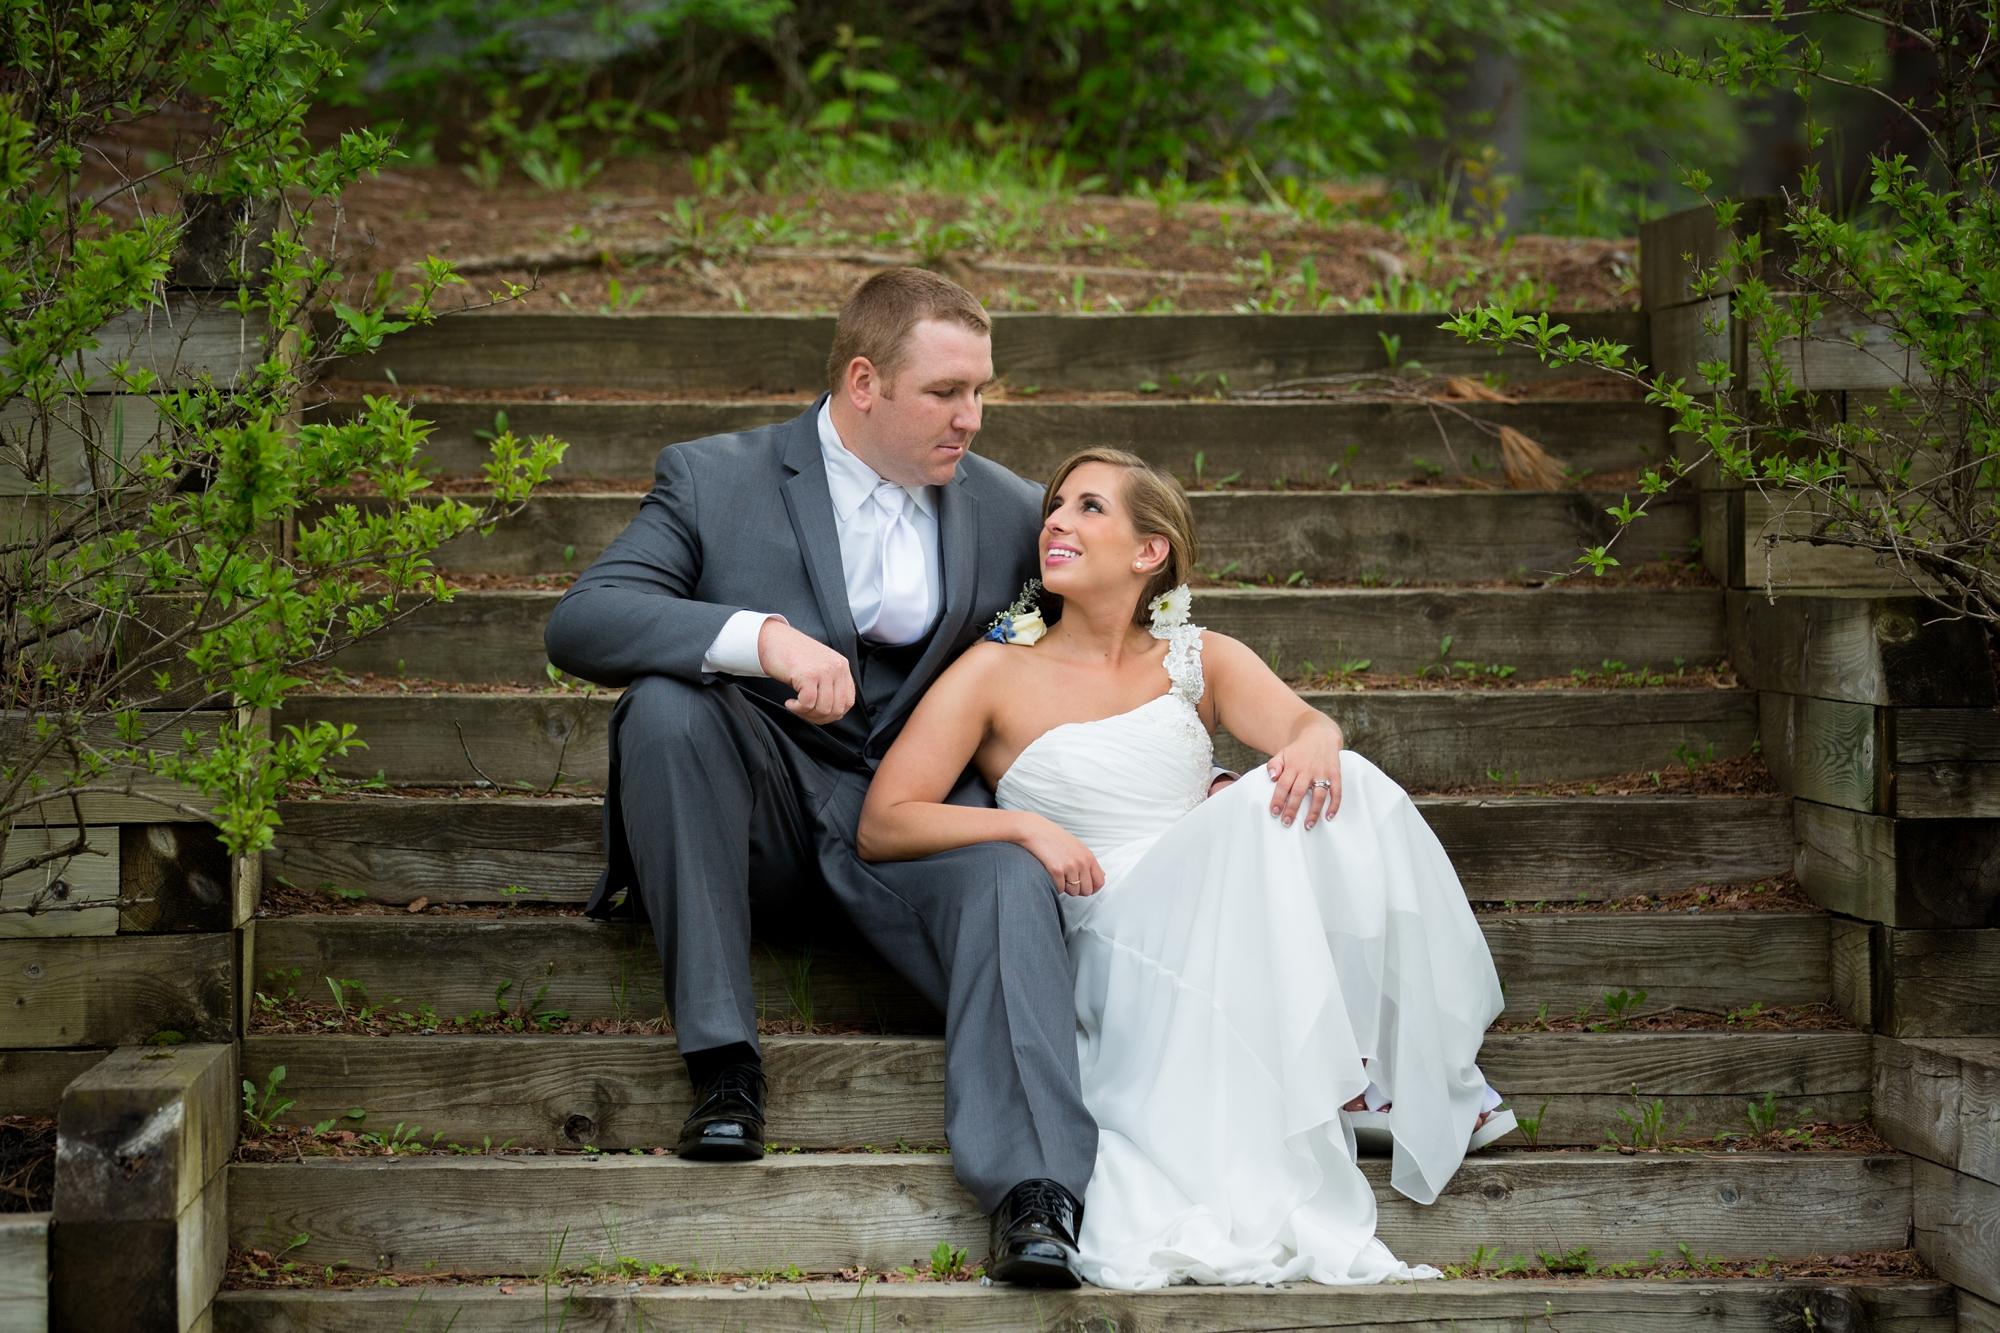 Albany NY Wedding Photographer Justin Tibbitts Photography 2014 Best of Albany NY Weddings-49239142